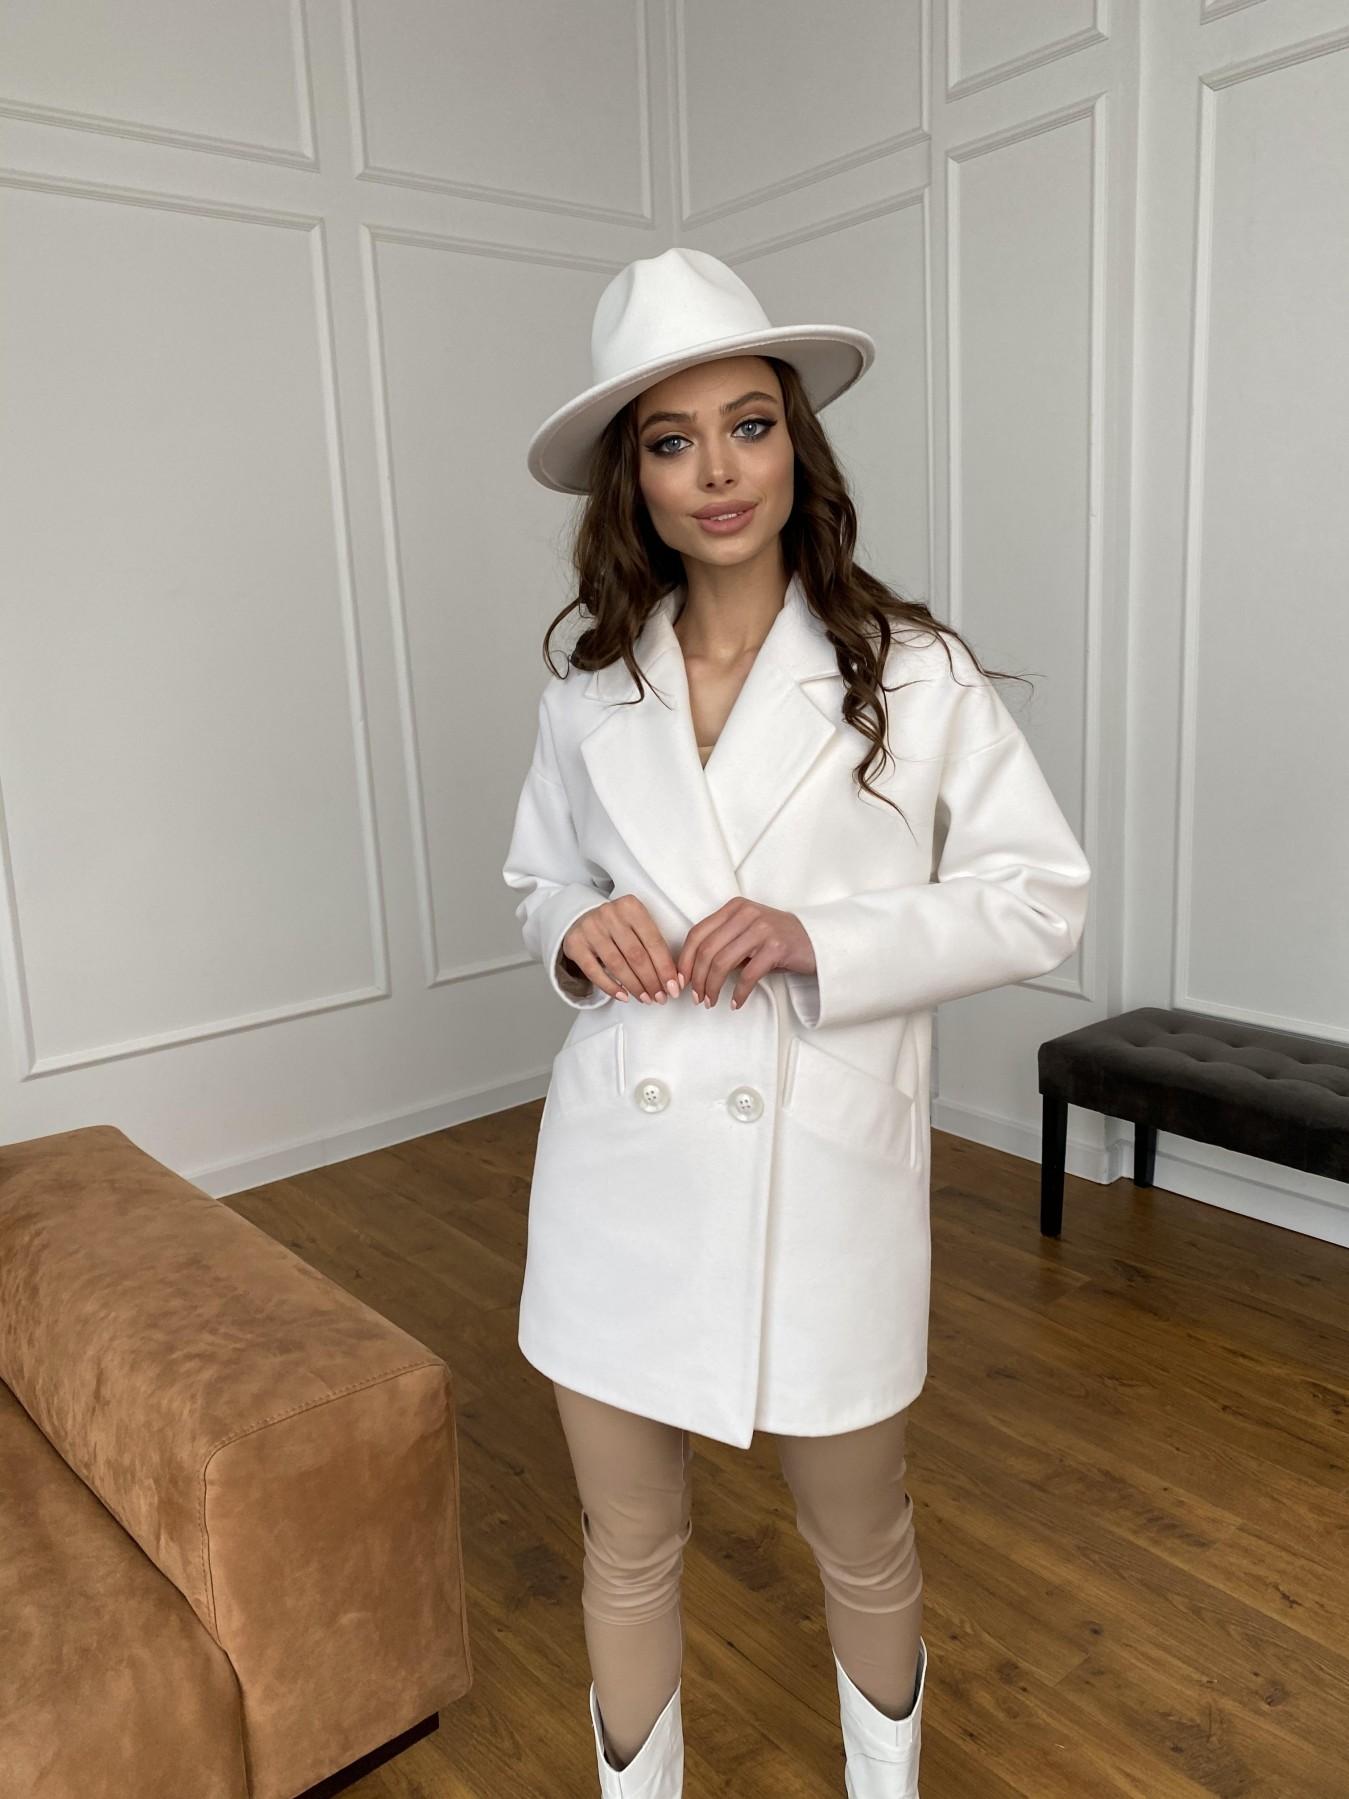 Бонд пальто из кашемира 10646 АРТ. 47495 Цвет: Молоко 1 - фото 8, интернет магазин tm-modus.ru